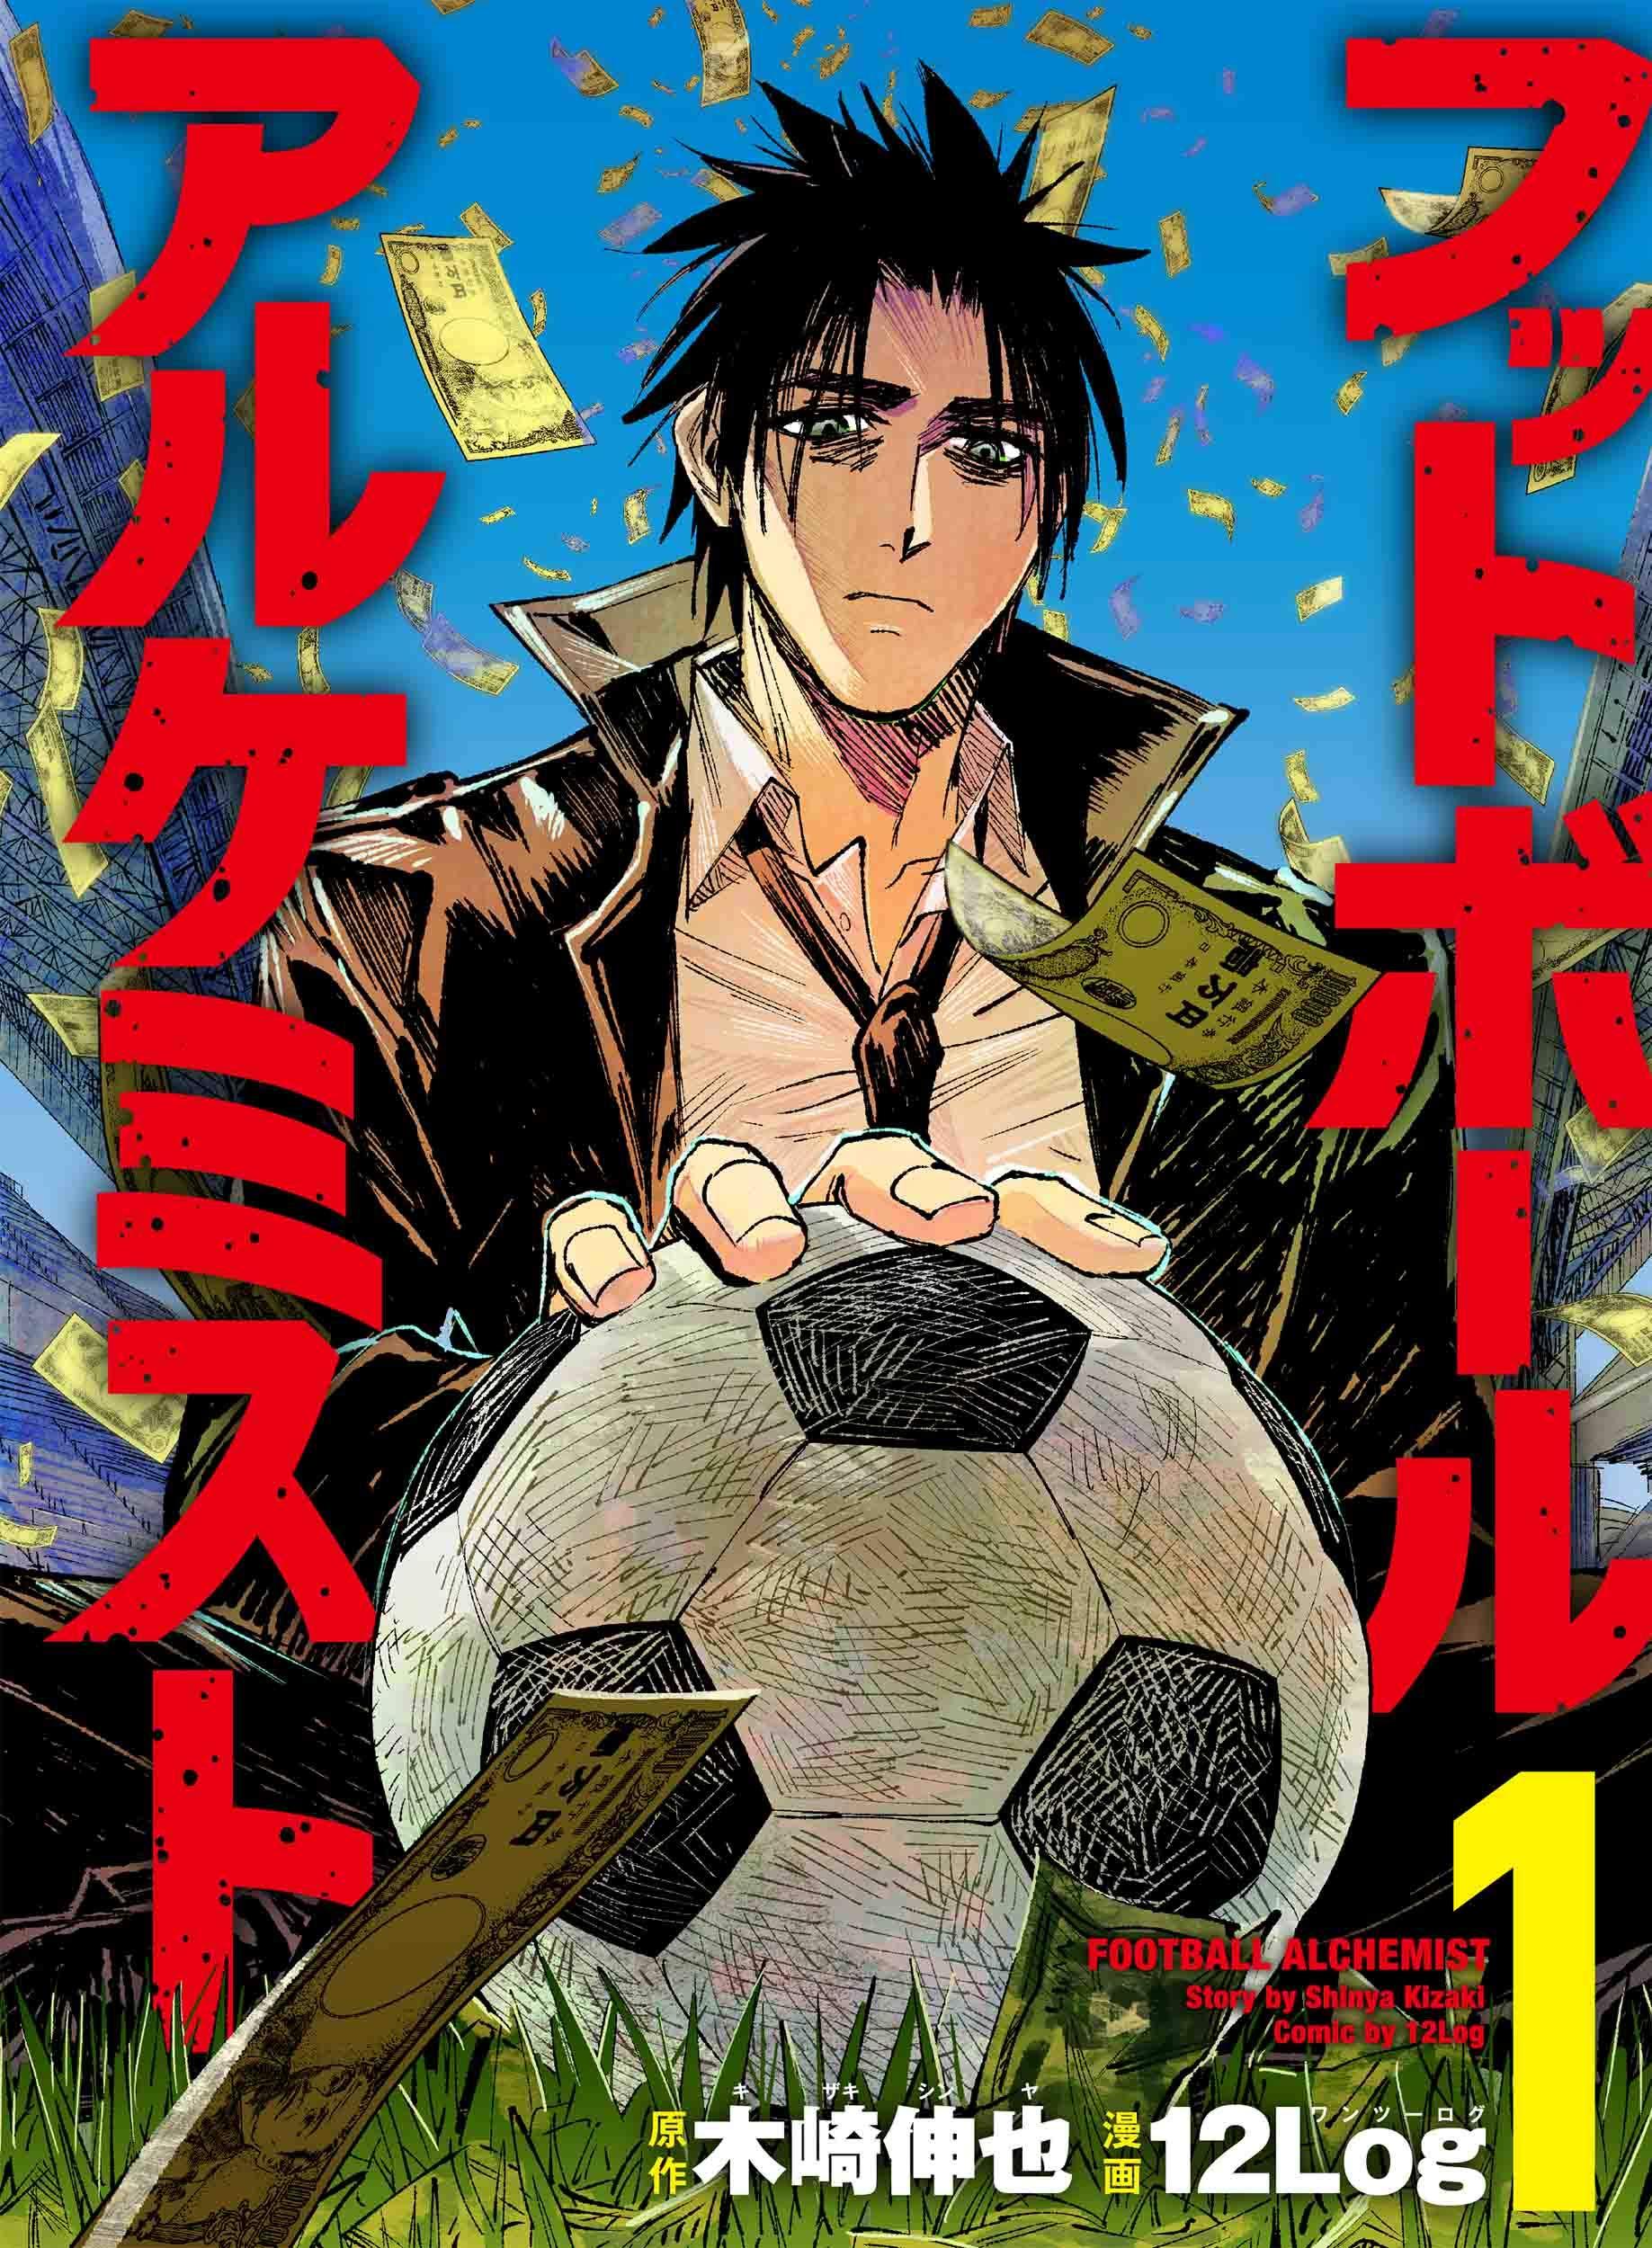 Football Alchemist